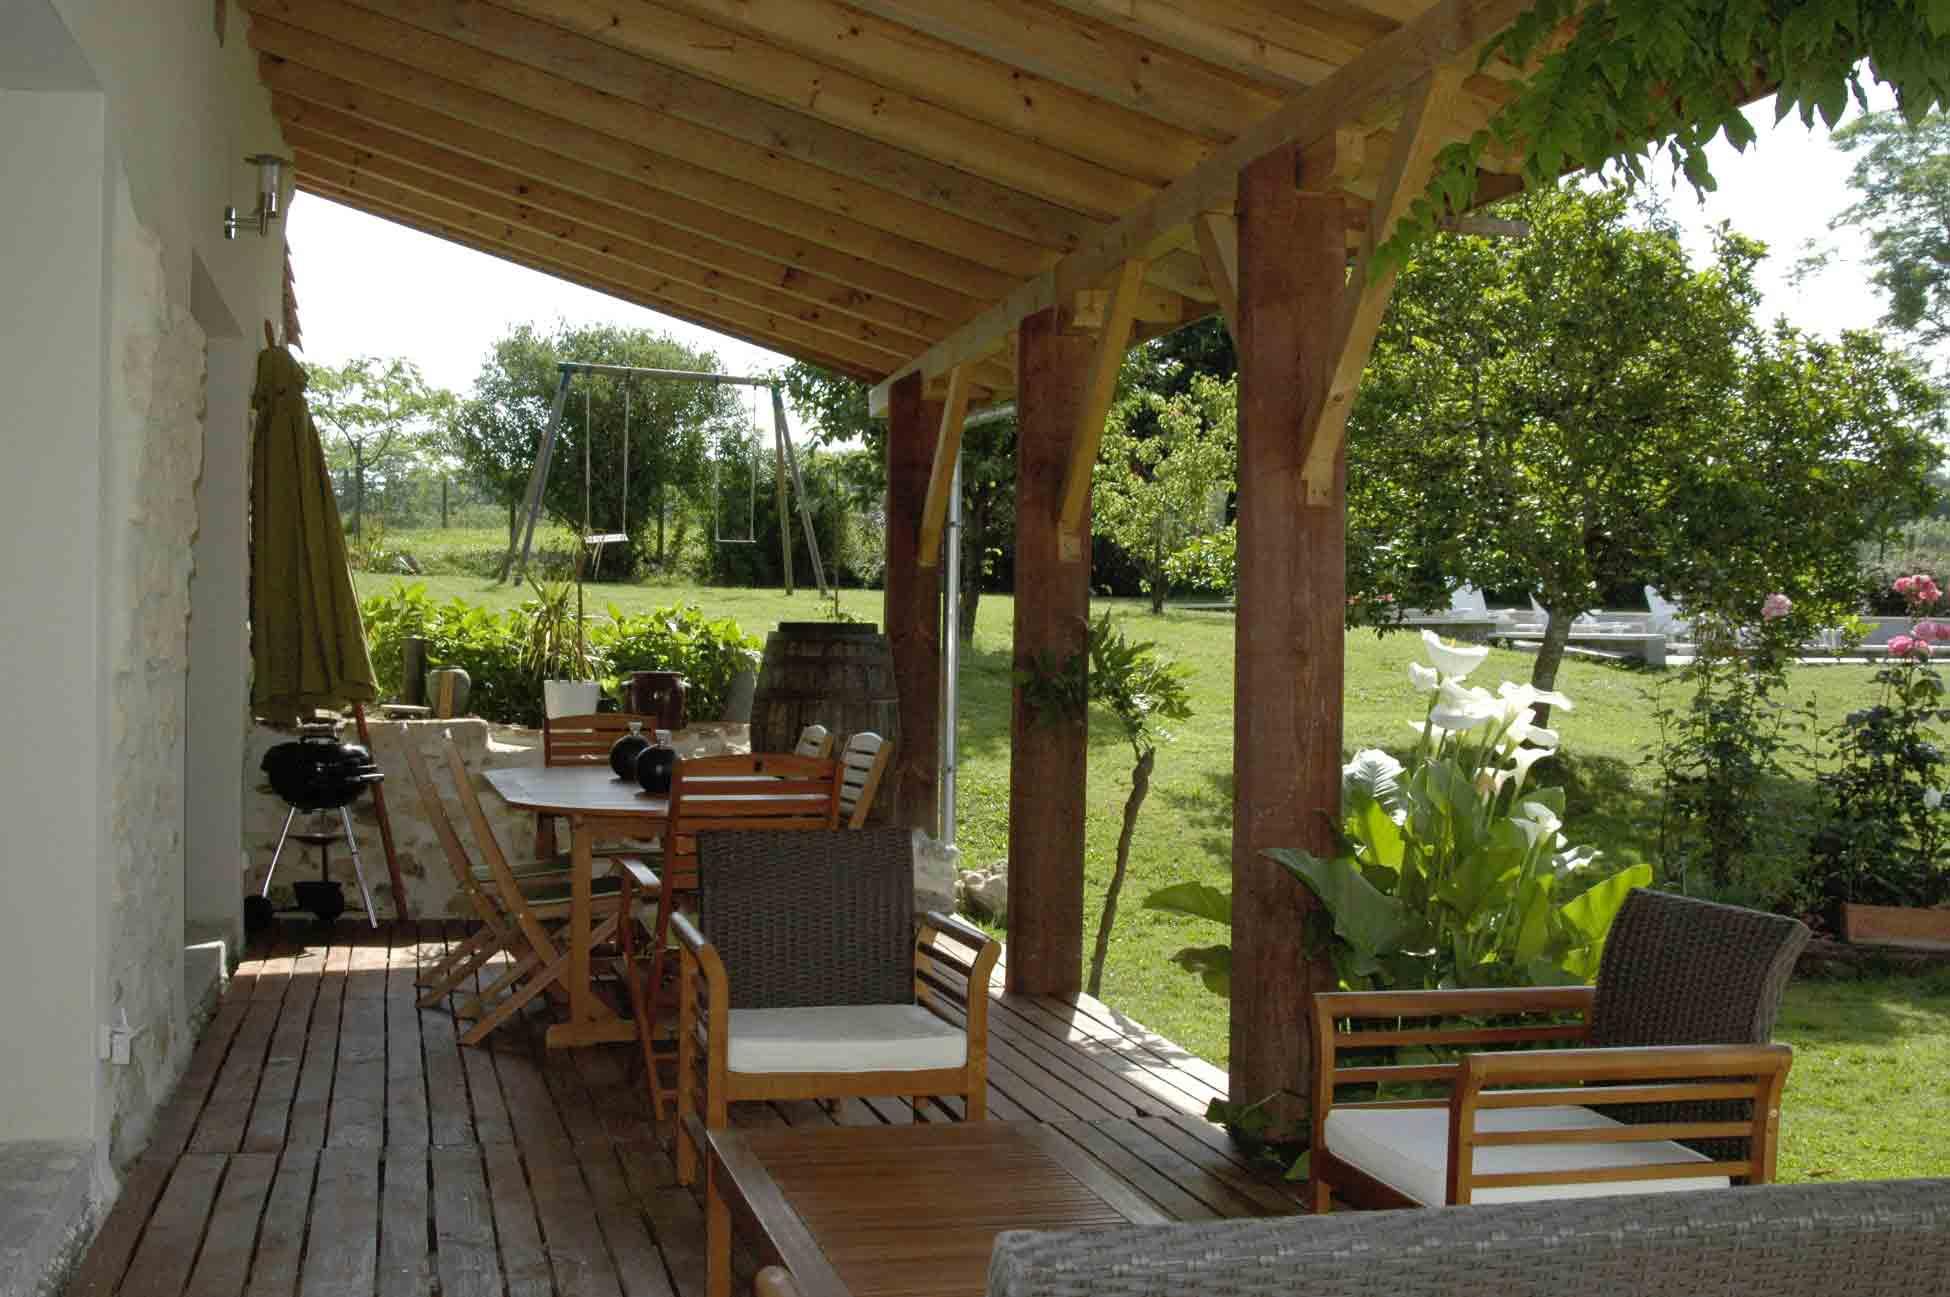 Location maison vacances pas cher landes ventana blog for Location gite pas cher